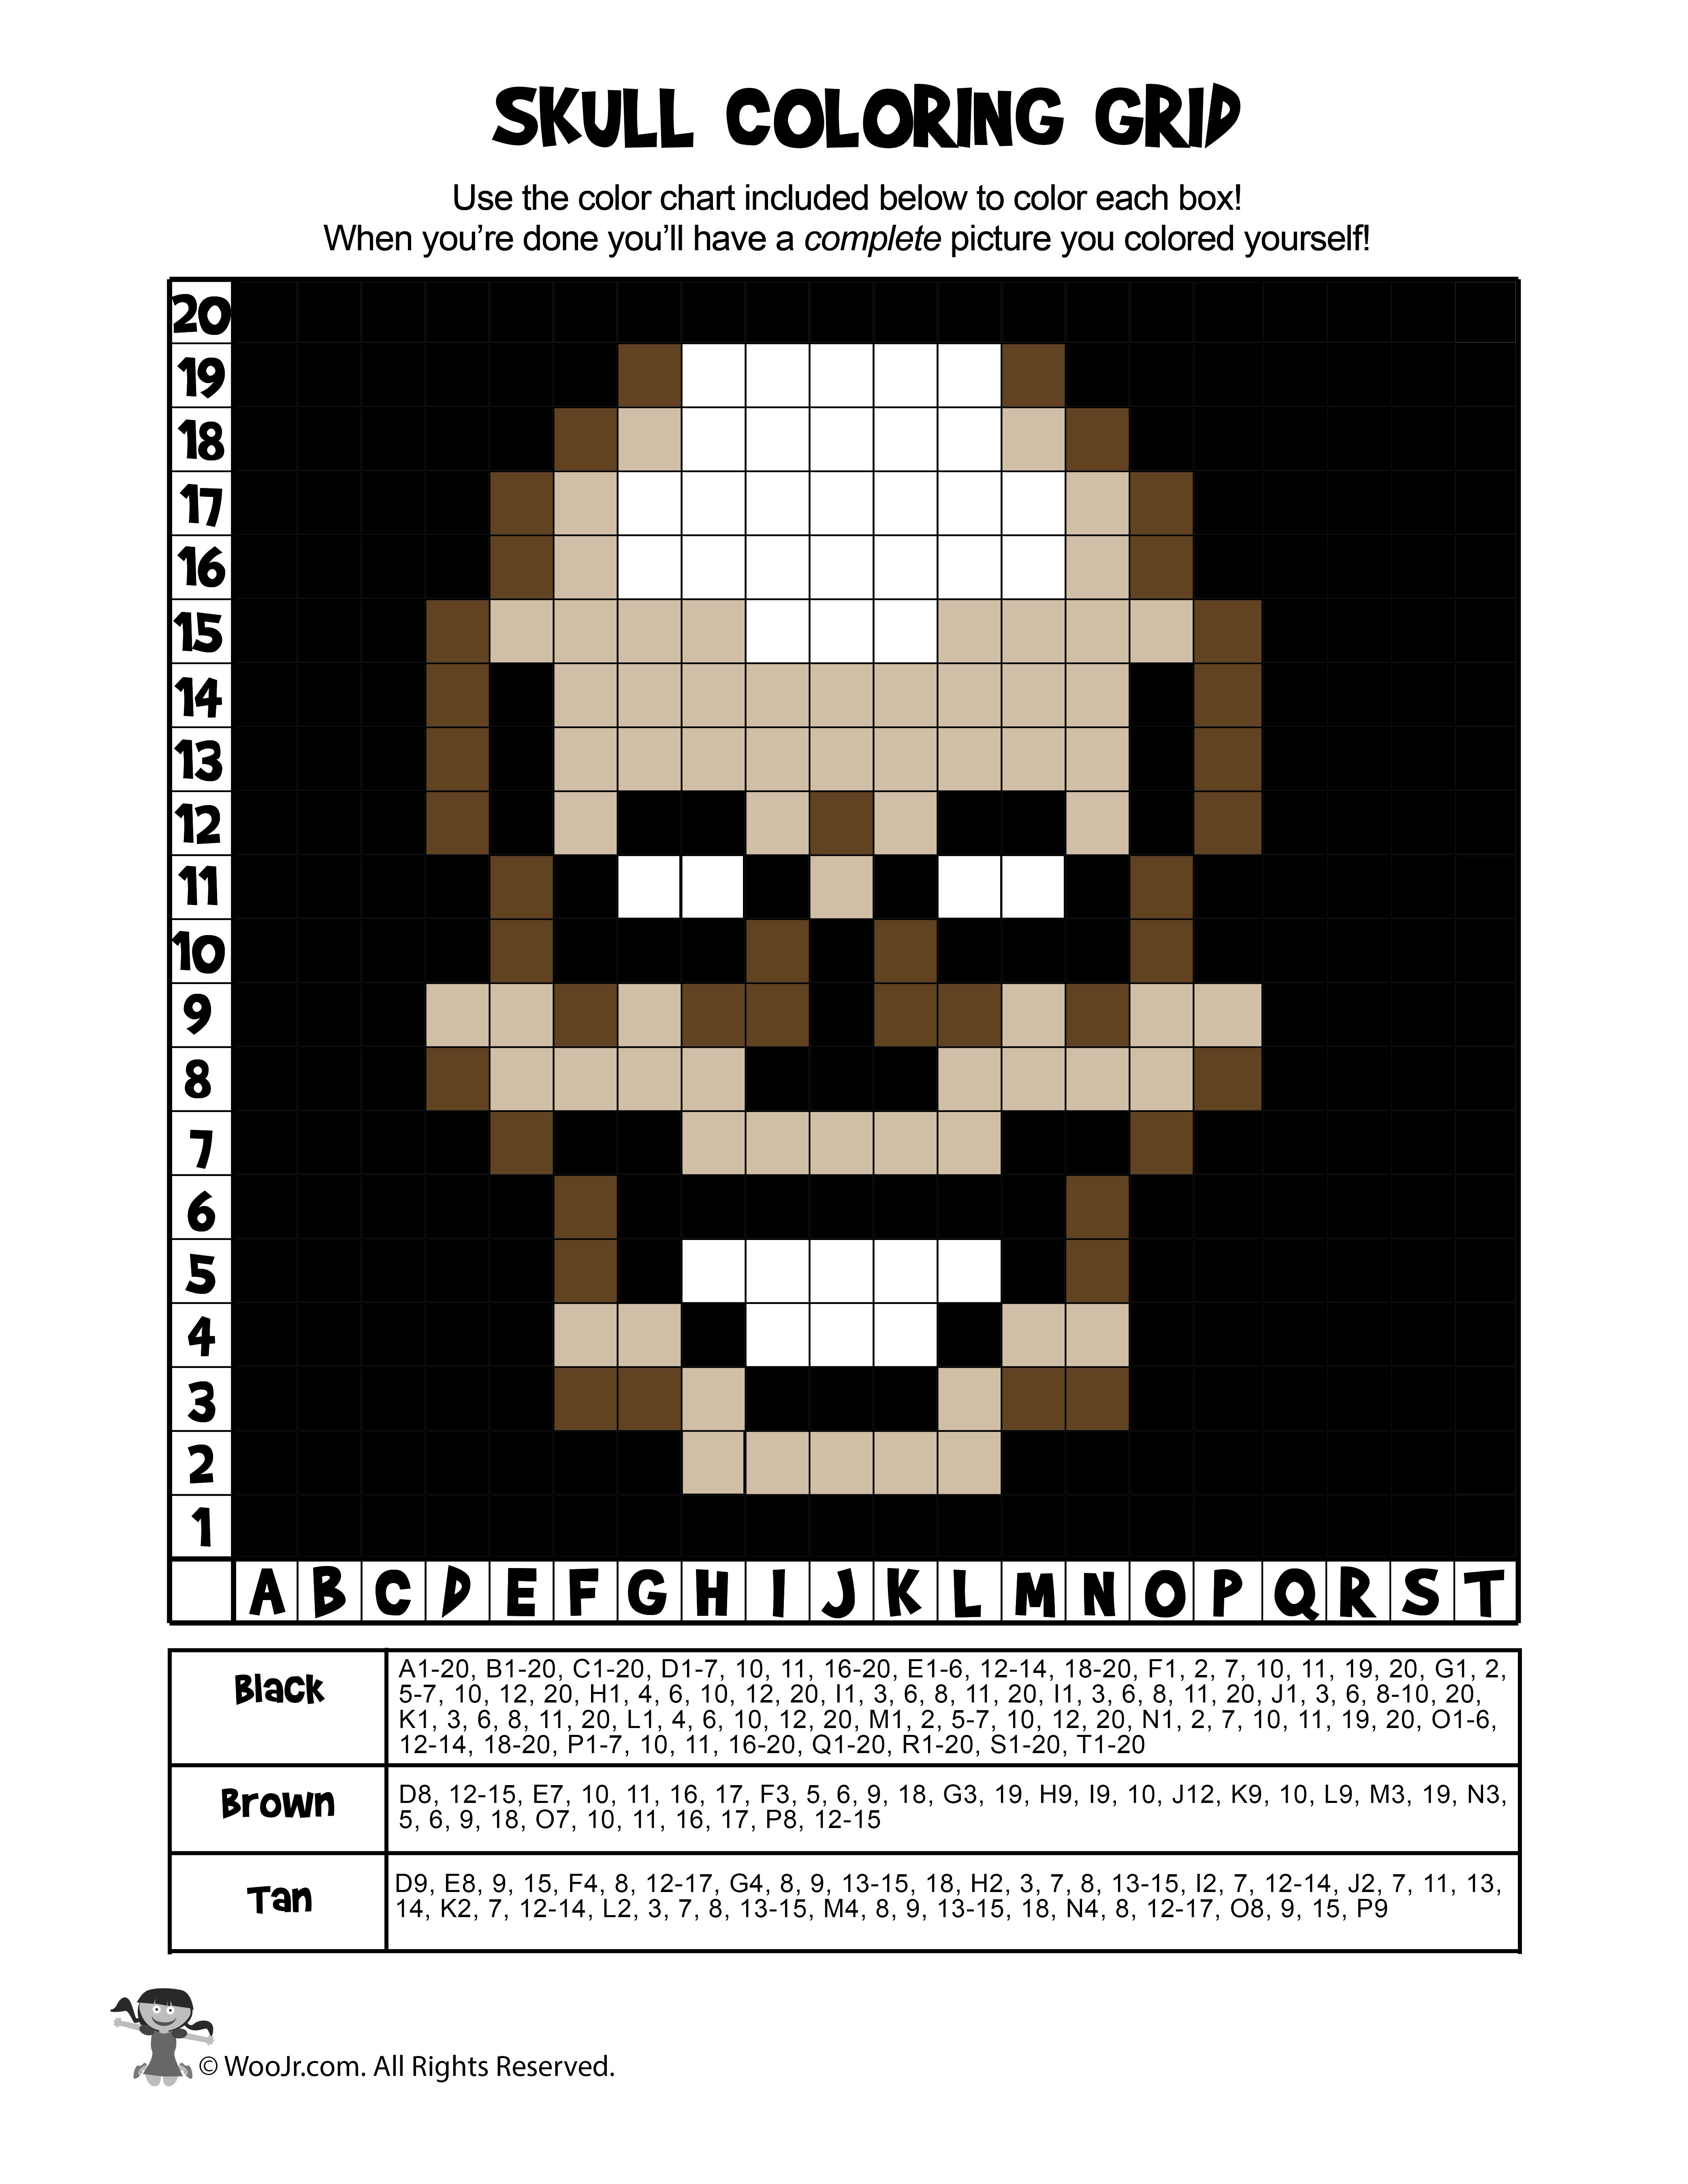 Skeleton Skull Grid Coloring Worksheet